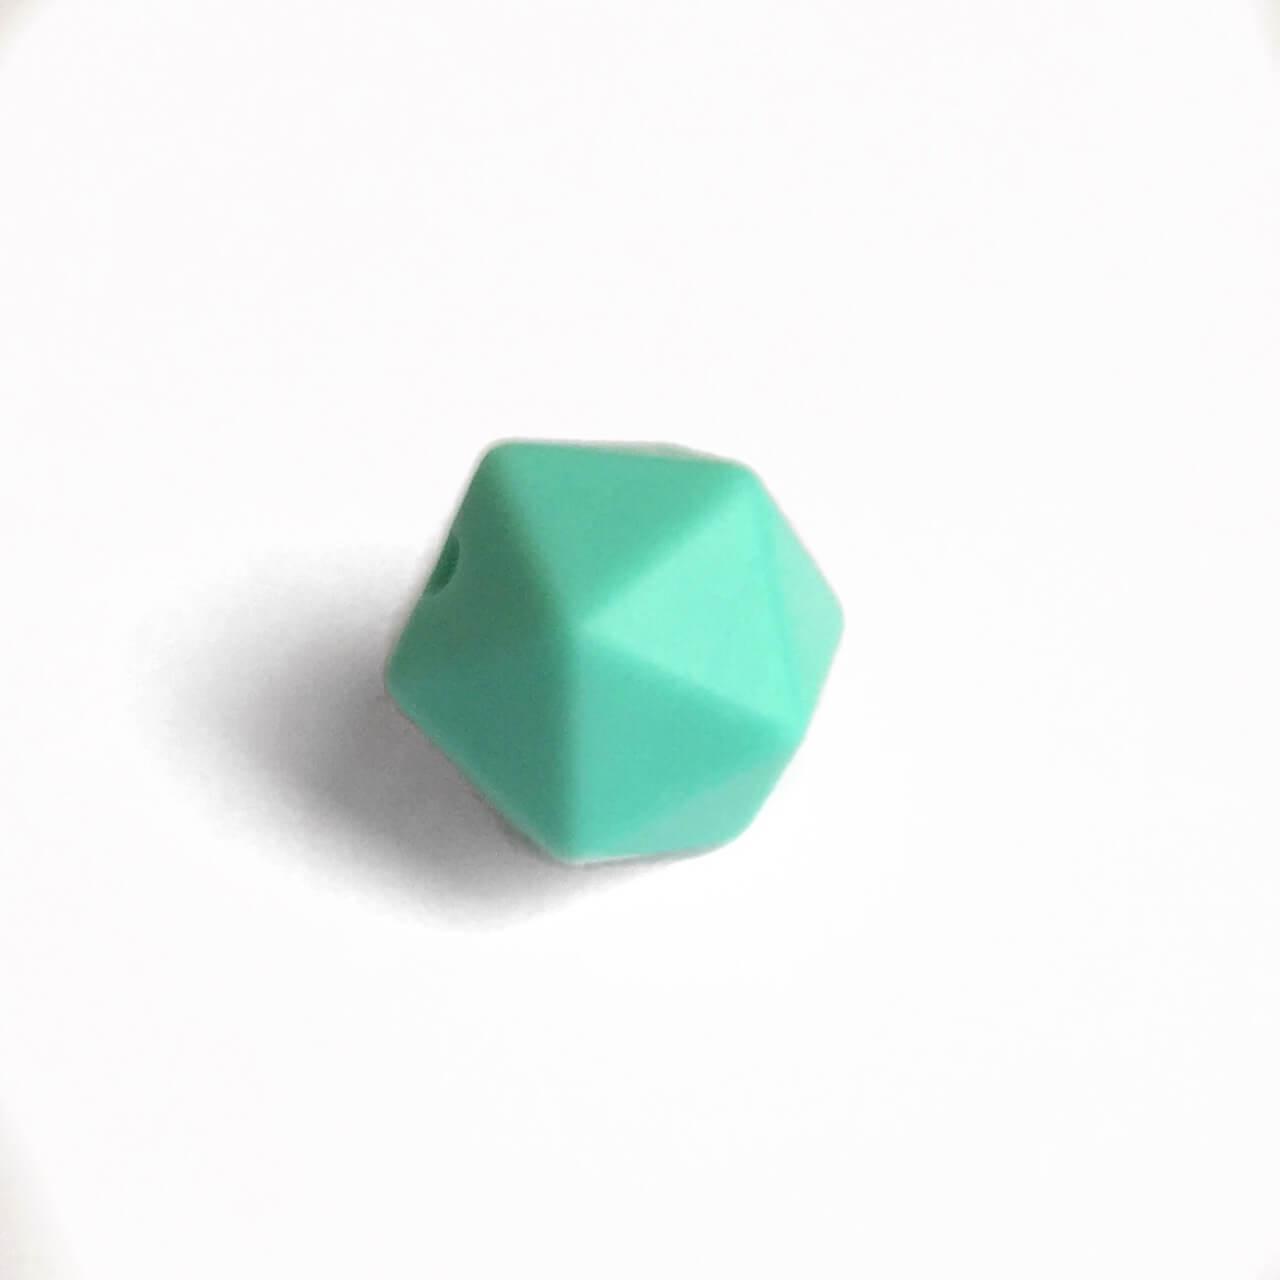 Мини икосаэдр (бирюза светл.) 14мм, силиконовая бусина